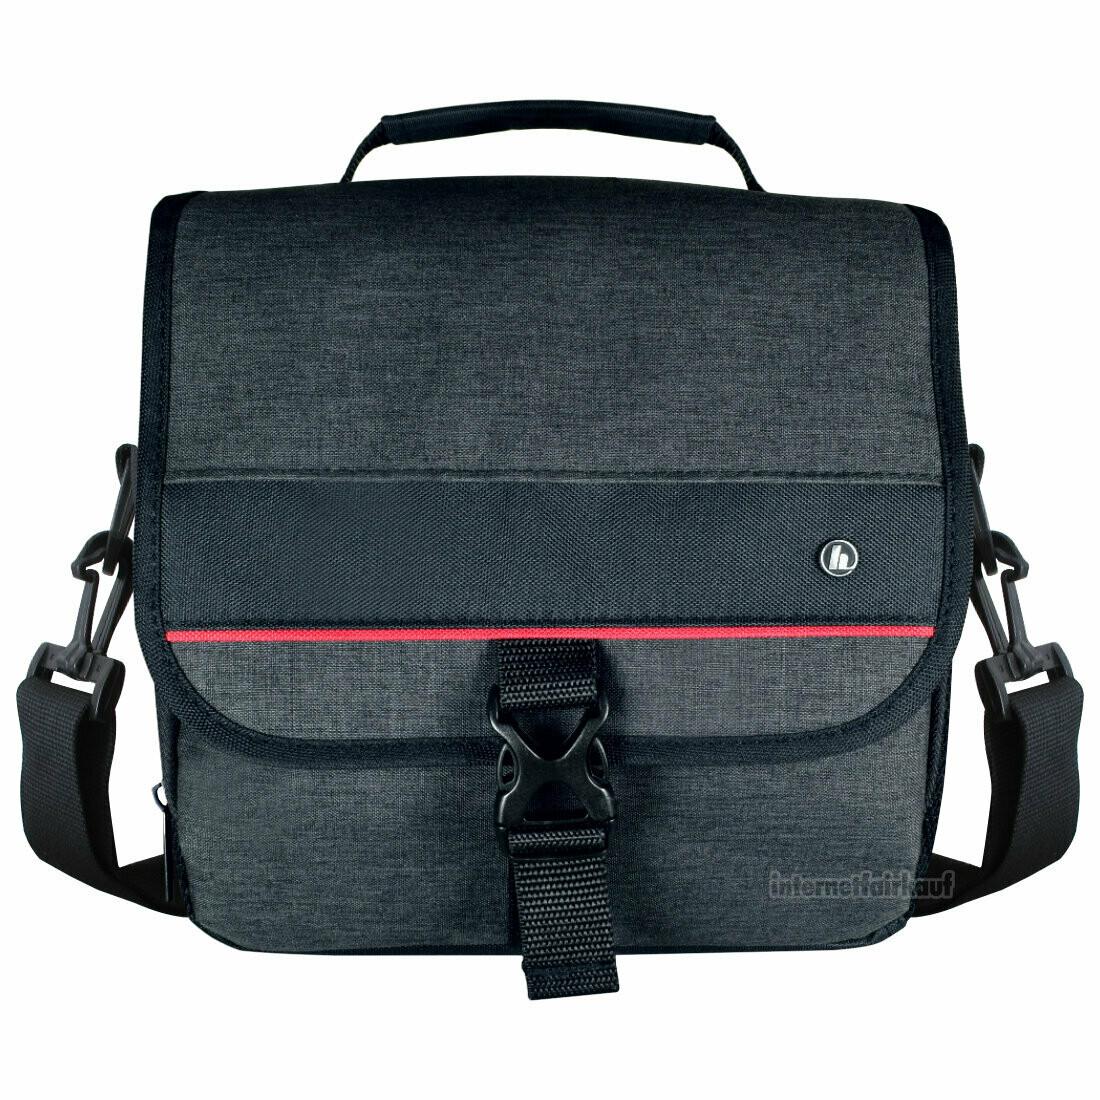 Kameratasche passend für Nikon Z50 Kit und Zusatzobjektiv